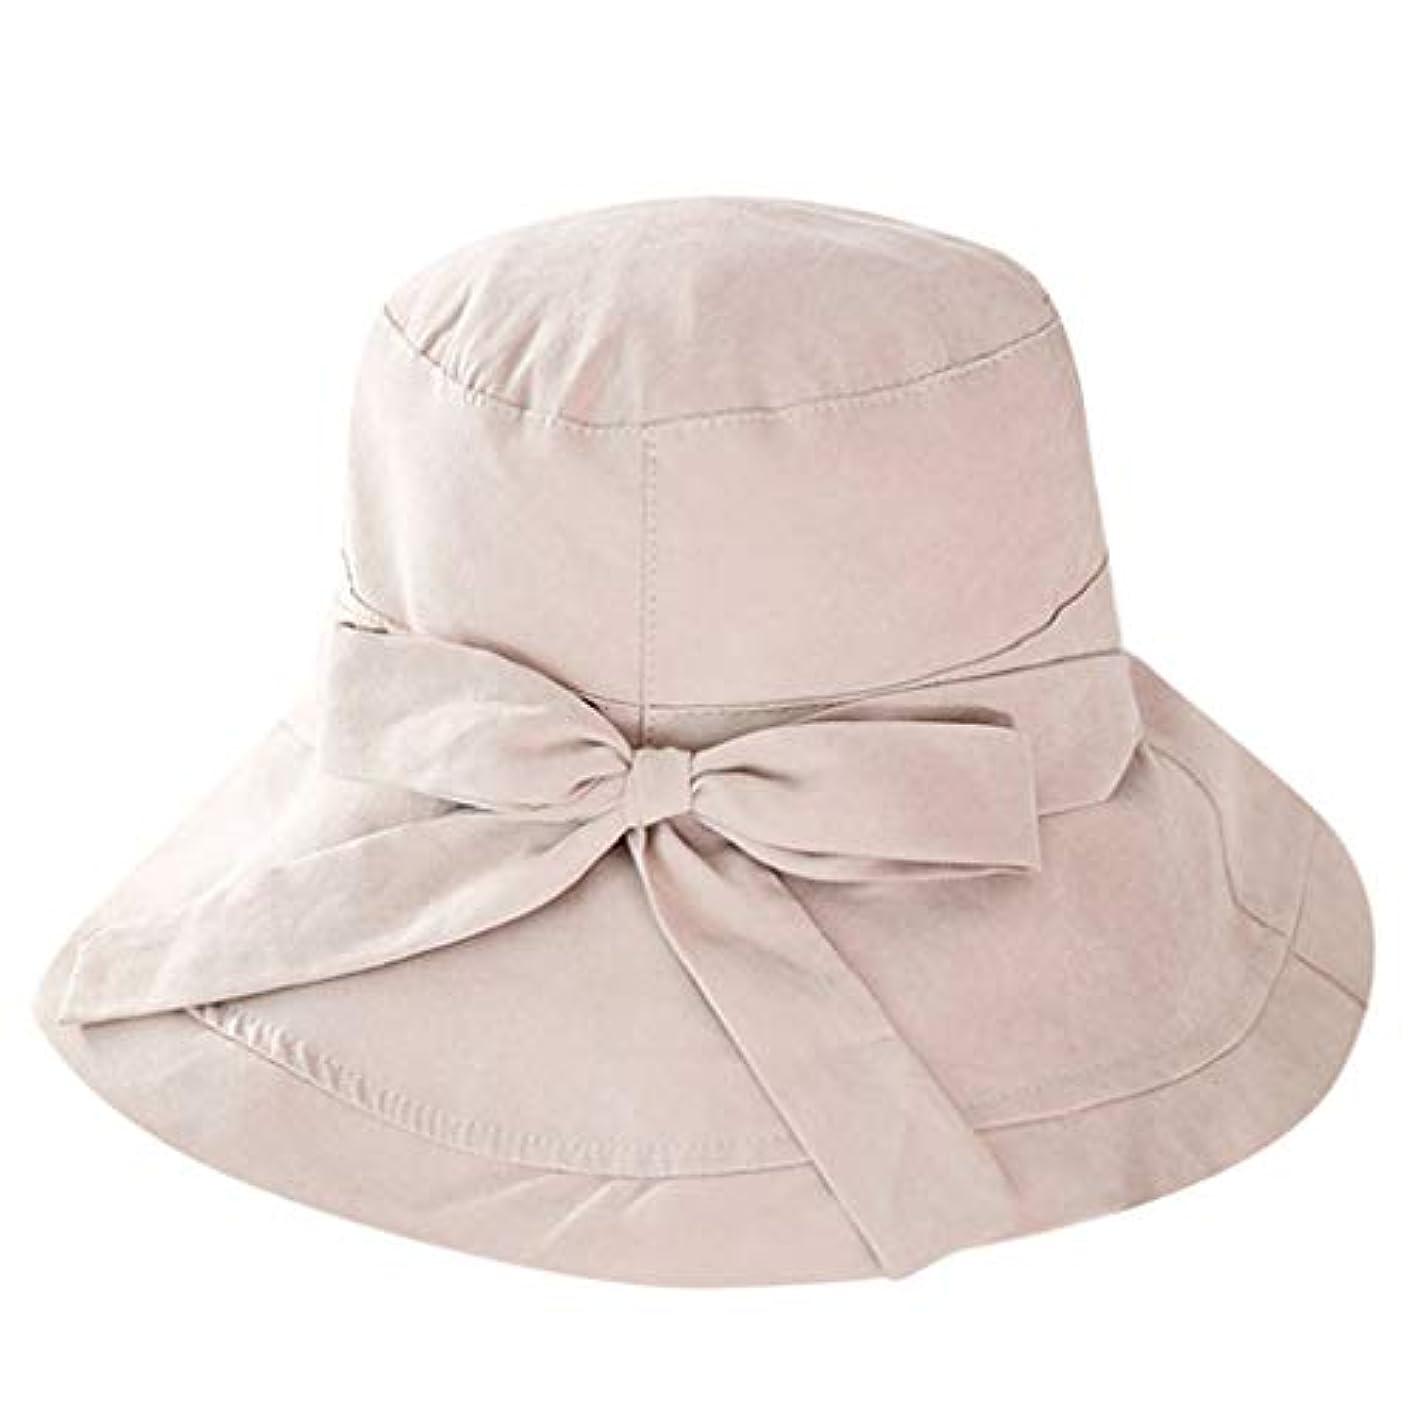 対角線キネマティクスタヒチKaiweini レディース夏漁夫帽カジュアル日よけバイザービッグエッジクロスキャップ人気の屋外折りたたみビーチキャップチャイルドハット日焼け止め太陽帽